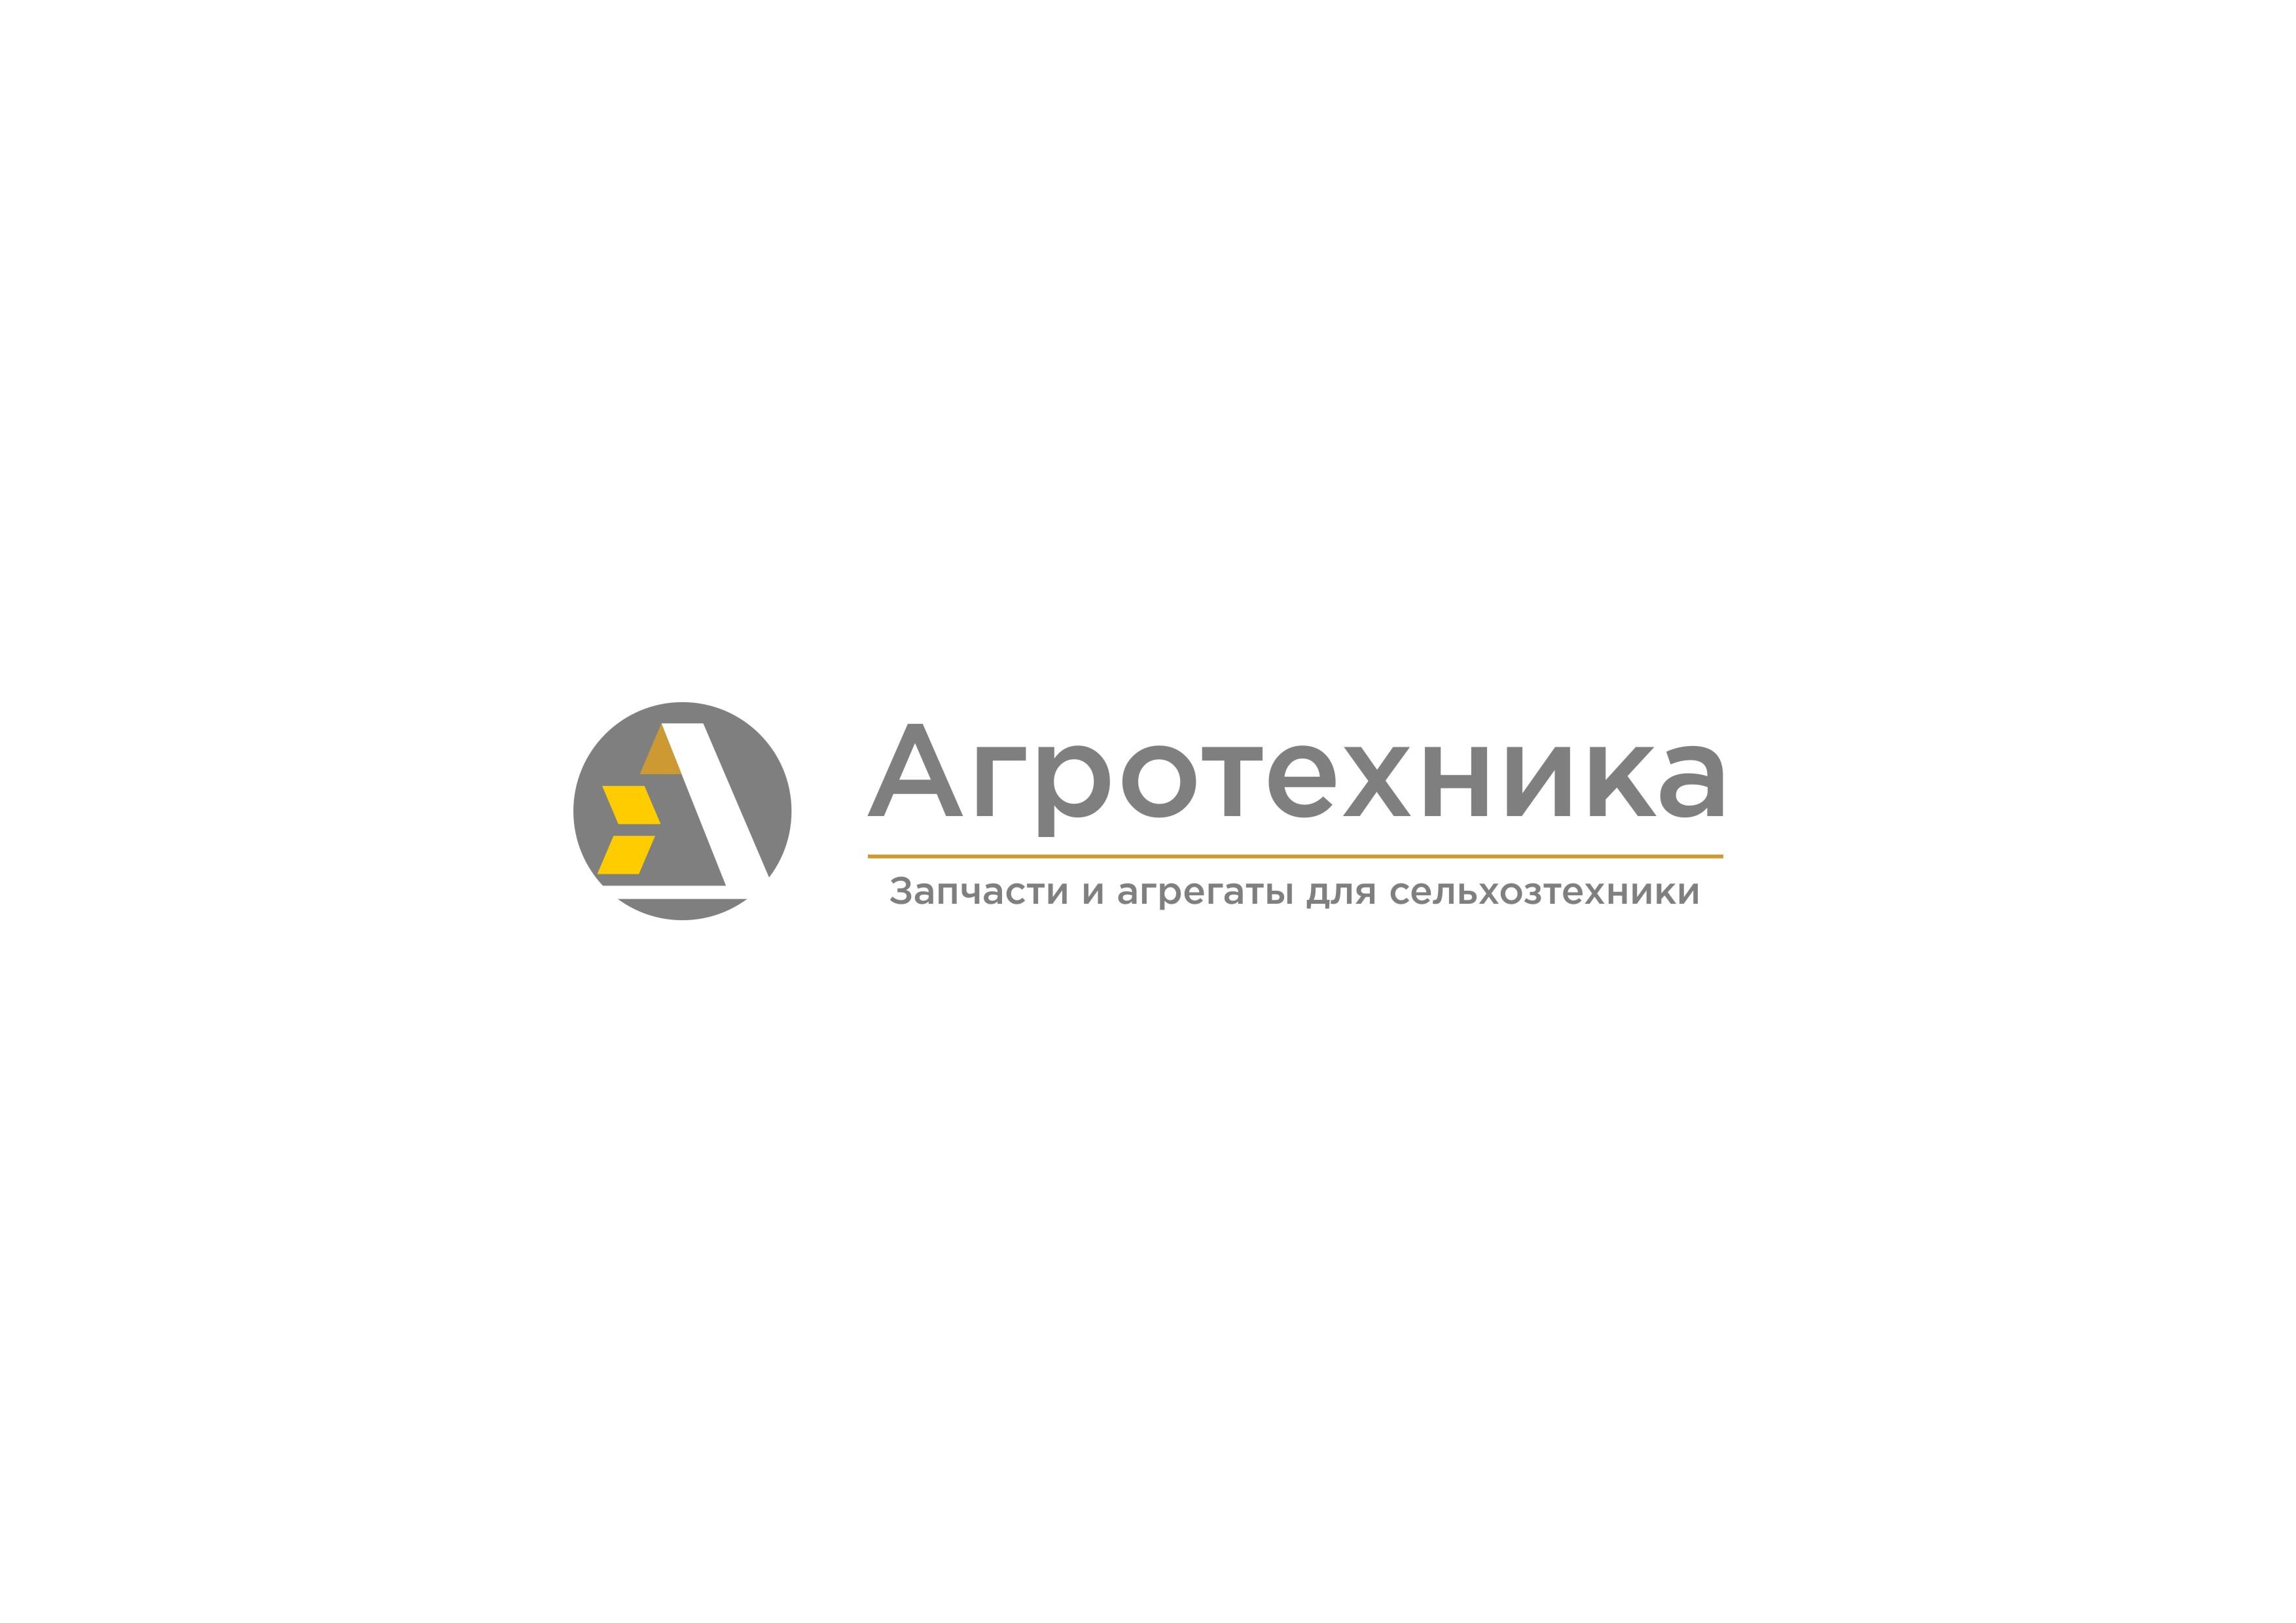 Разработка логотипа для компании Агротехника фото f_6675c04065c2aab1.jpg